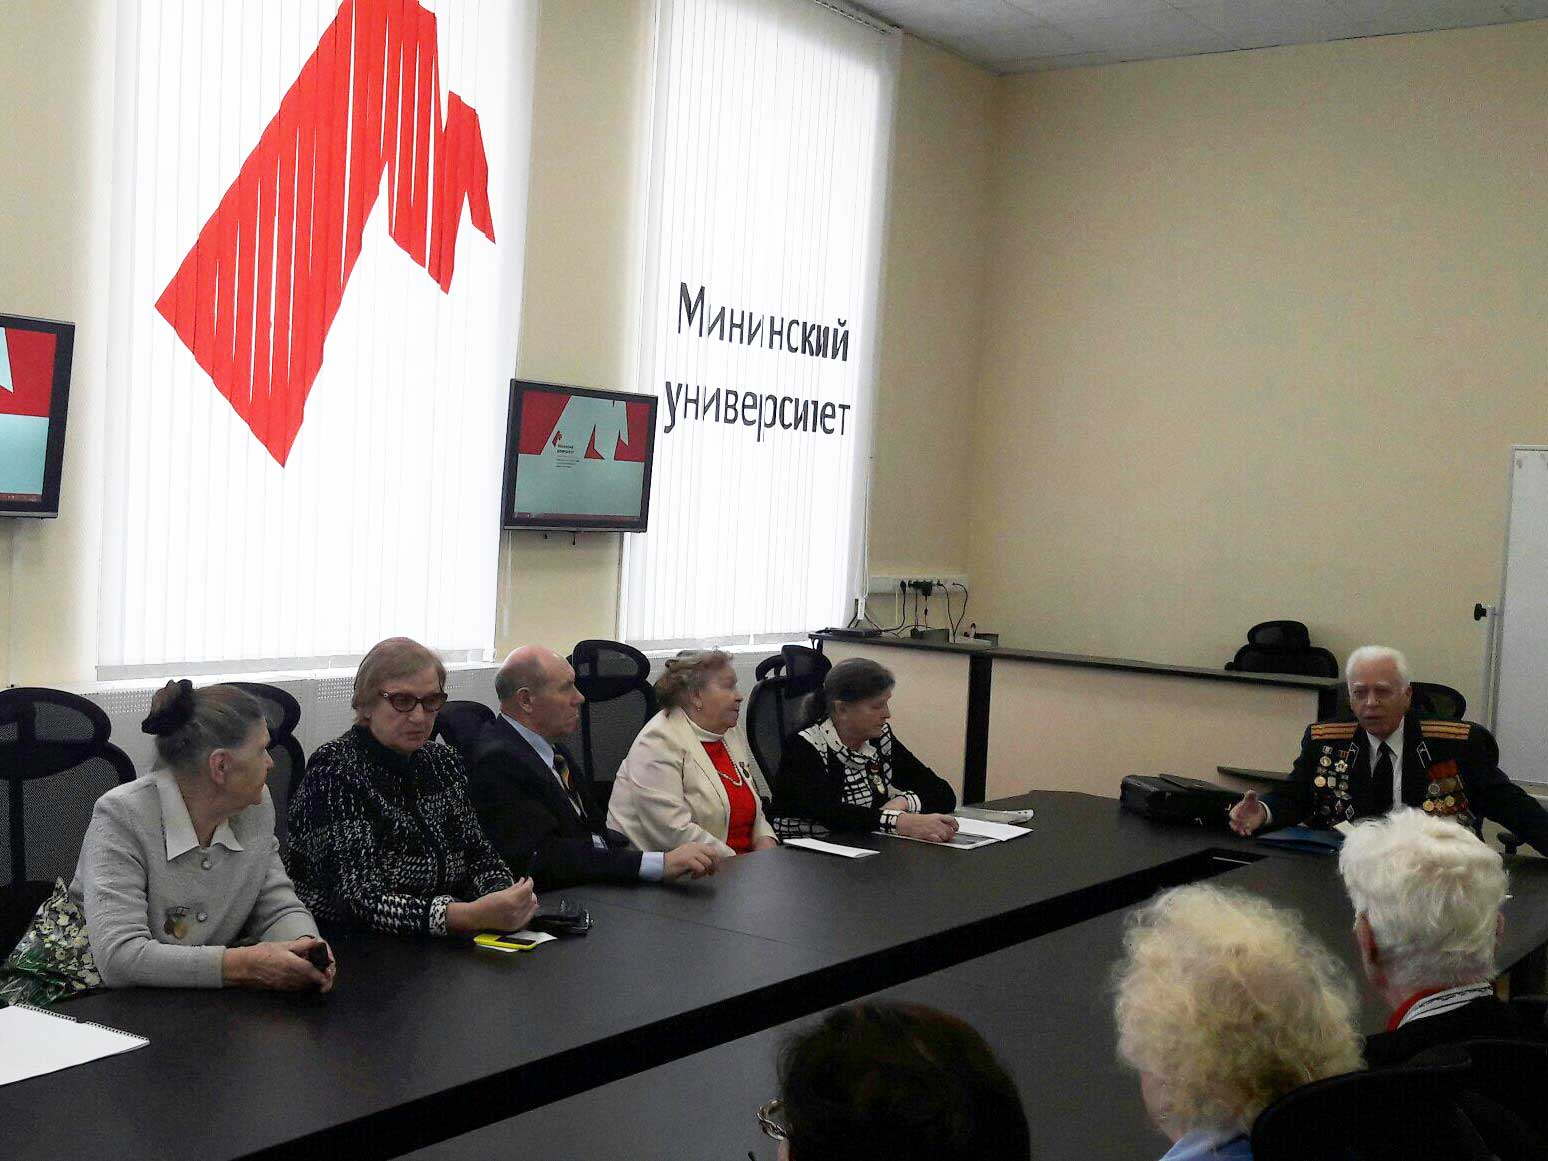 Торжественная встреча защитников и жителей блокадного Ленинграда с молодежью состоялась в стенах Мининского университета